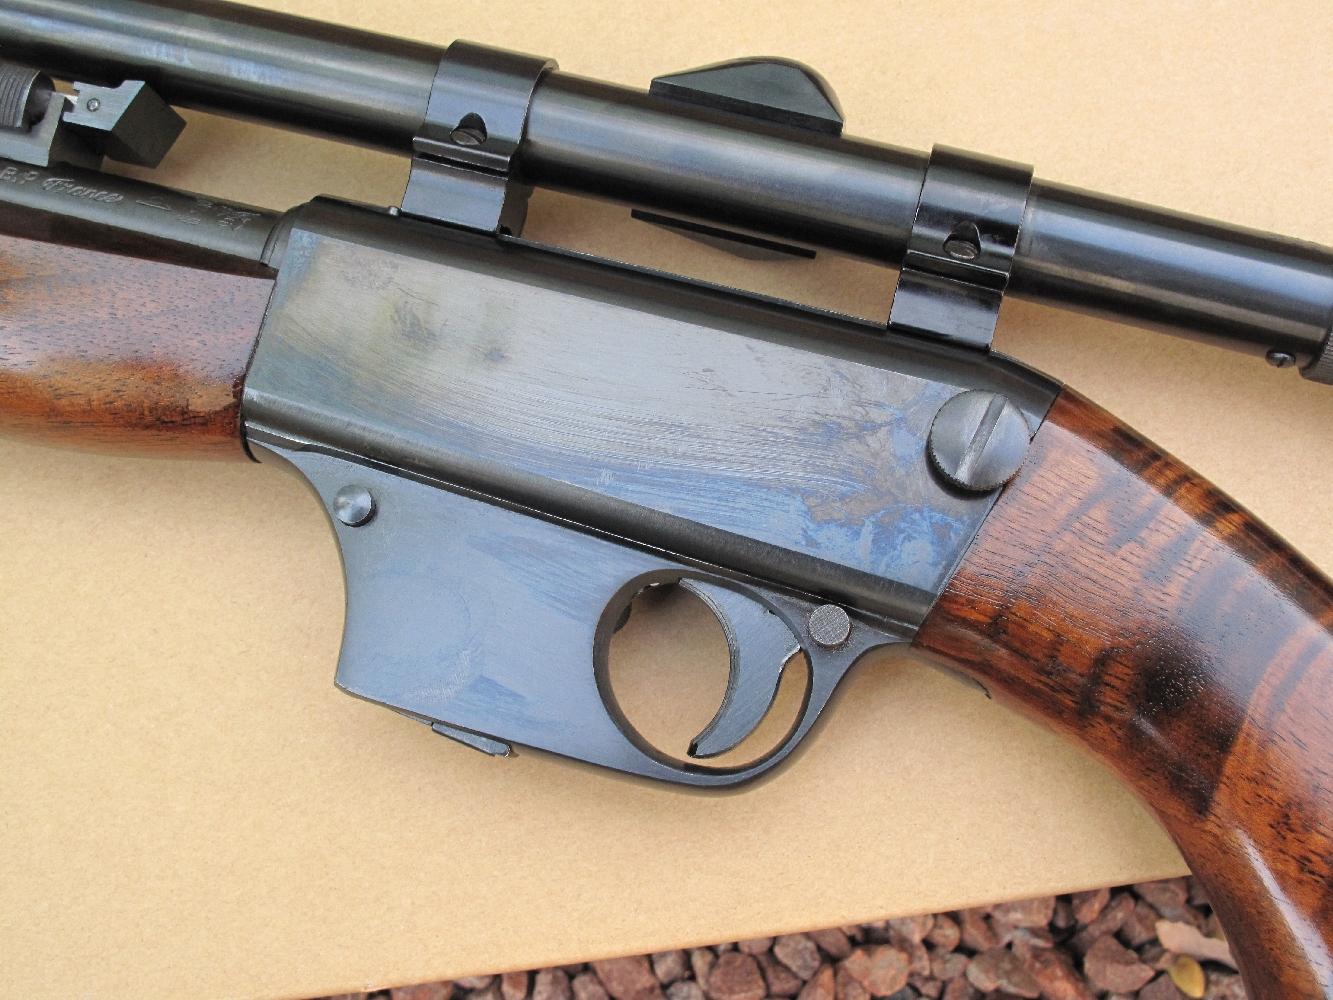 La carabine Unique X51-Bis est un modèle instantanément démontable : il suffit pour cela de desserrer la vis imperdable dont la tête, directement accessible sur le côté gauche du boîtier de culasse, se présente sous la forme d'un gros bouton moleté.